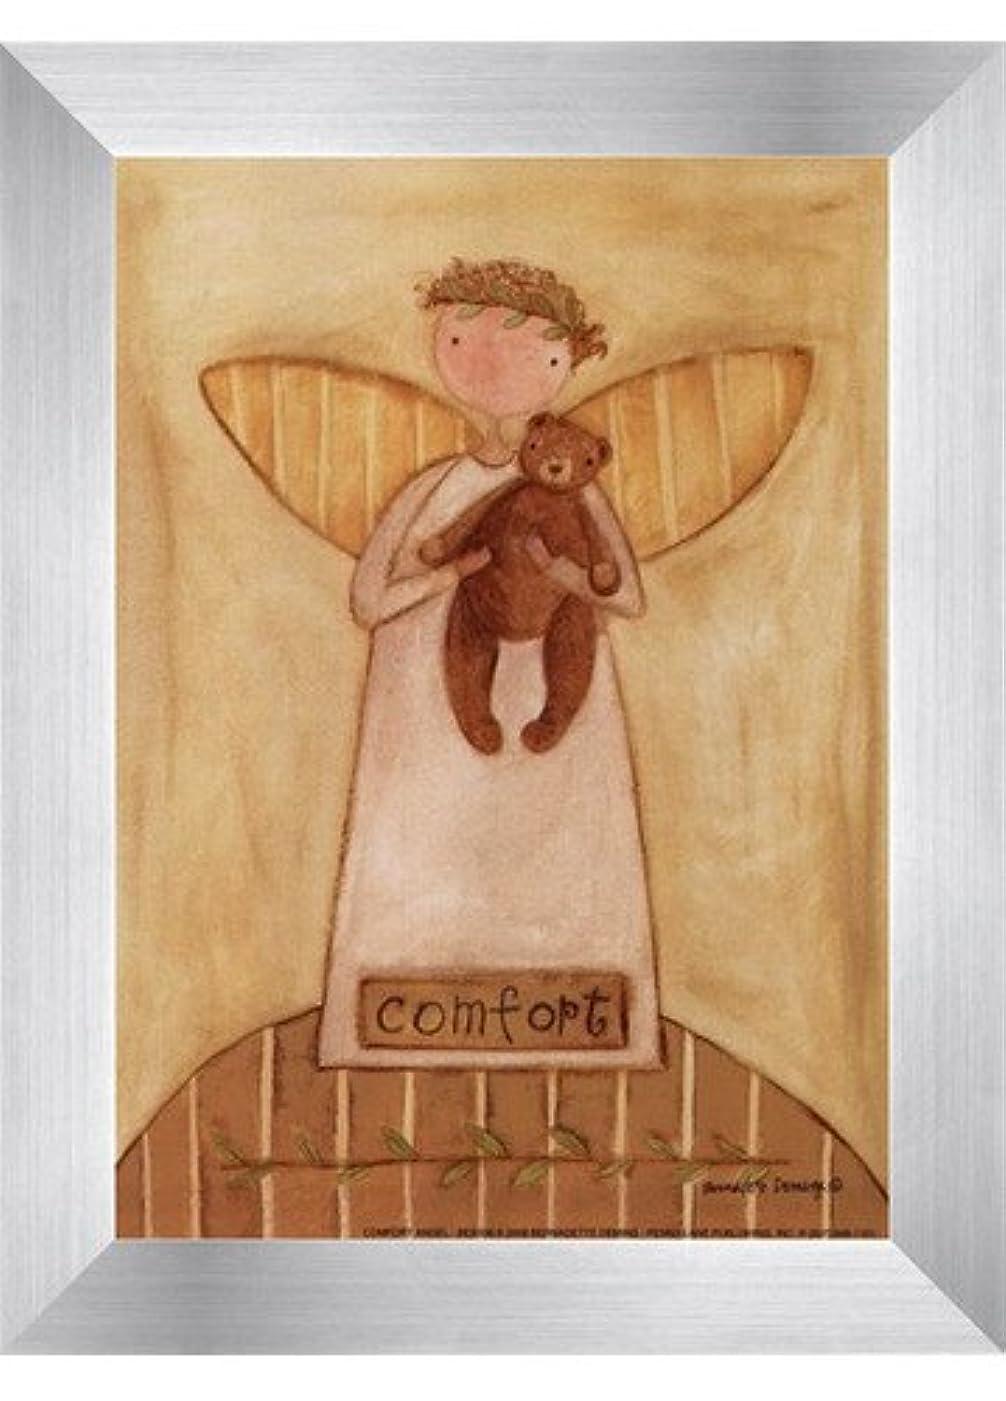 詐欺一掃するライトニング快適Angel by Bernadette Deming – 5 x 7インチ – アートプリントポスター LE_613850-F9935-5x7